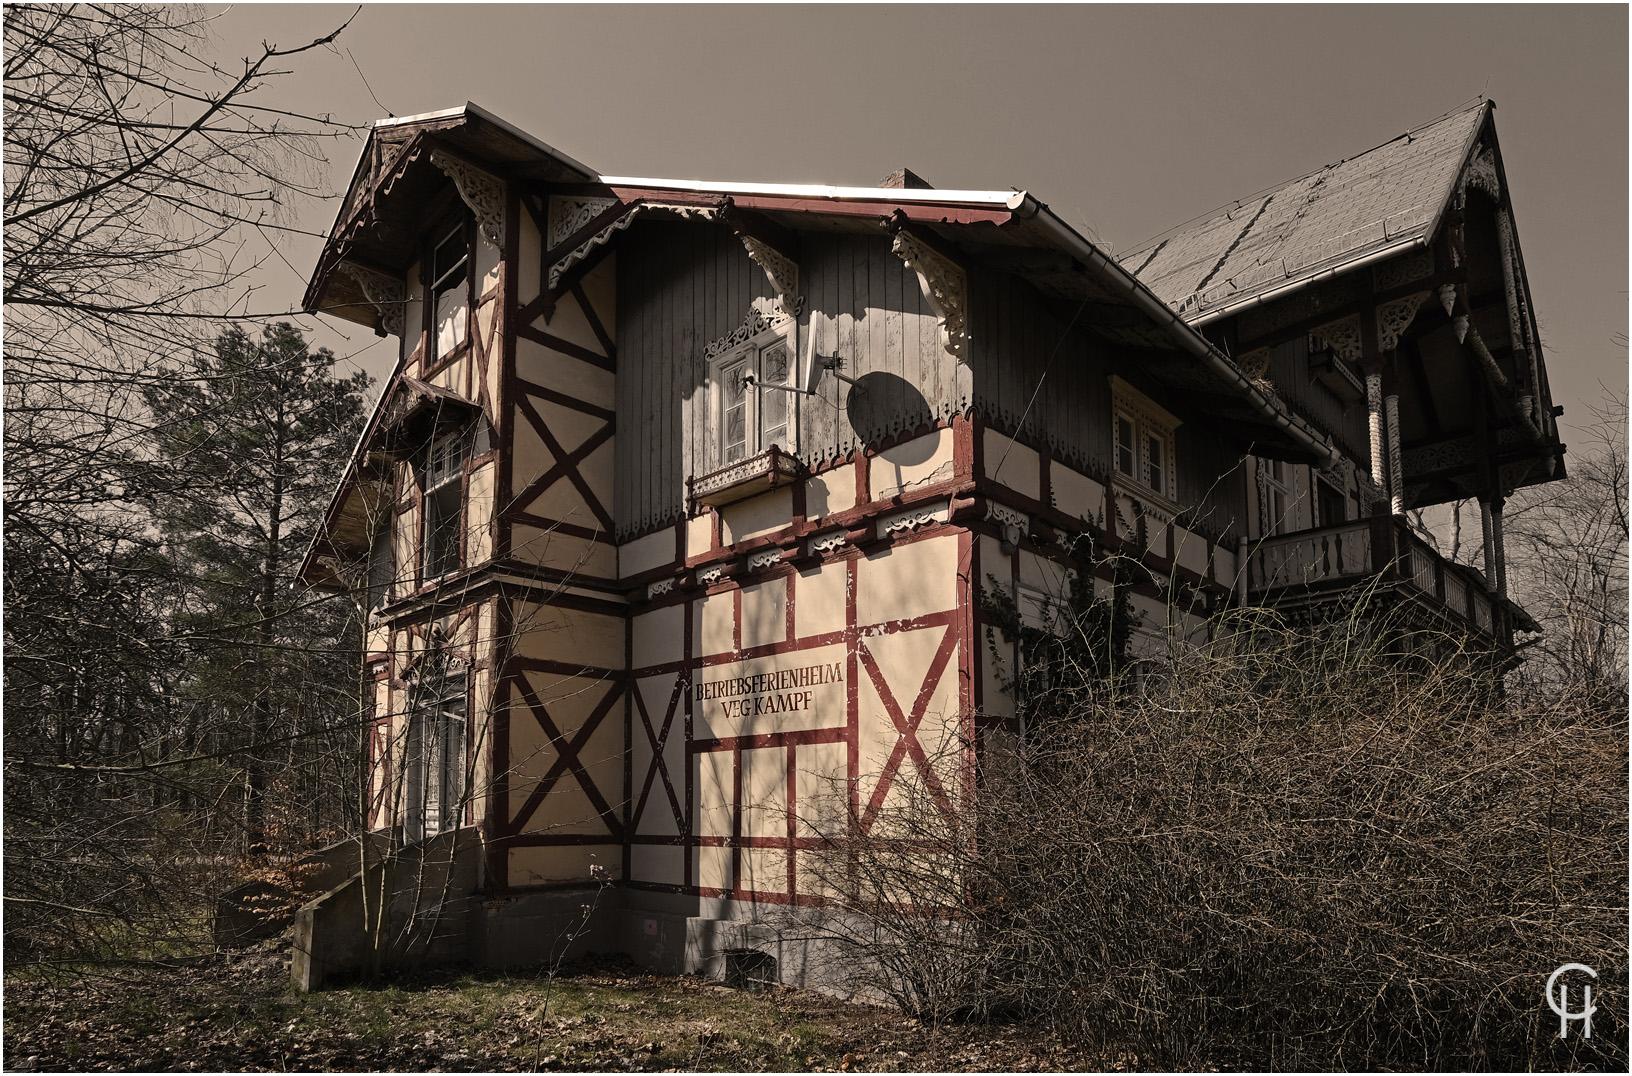 Das DDR Betriebsferienheim VEG Kampf